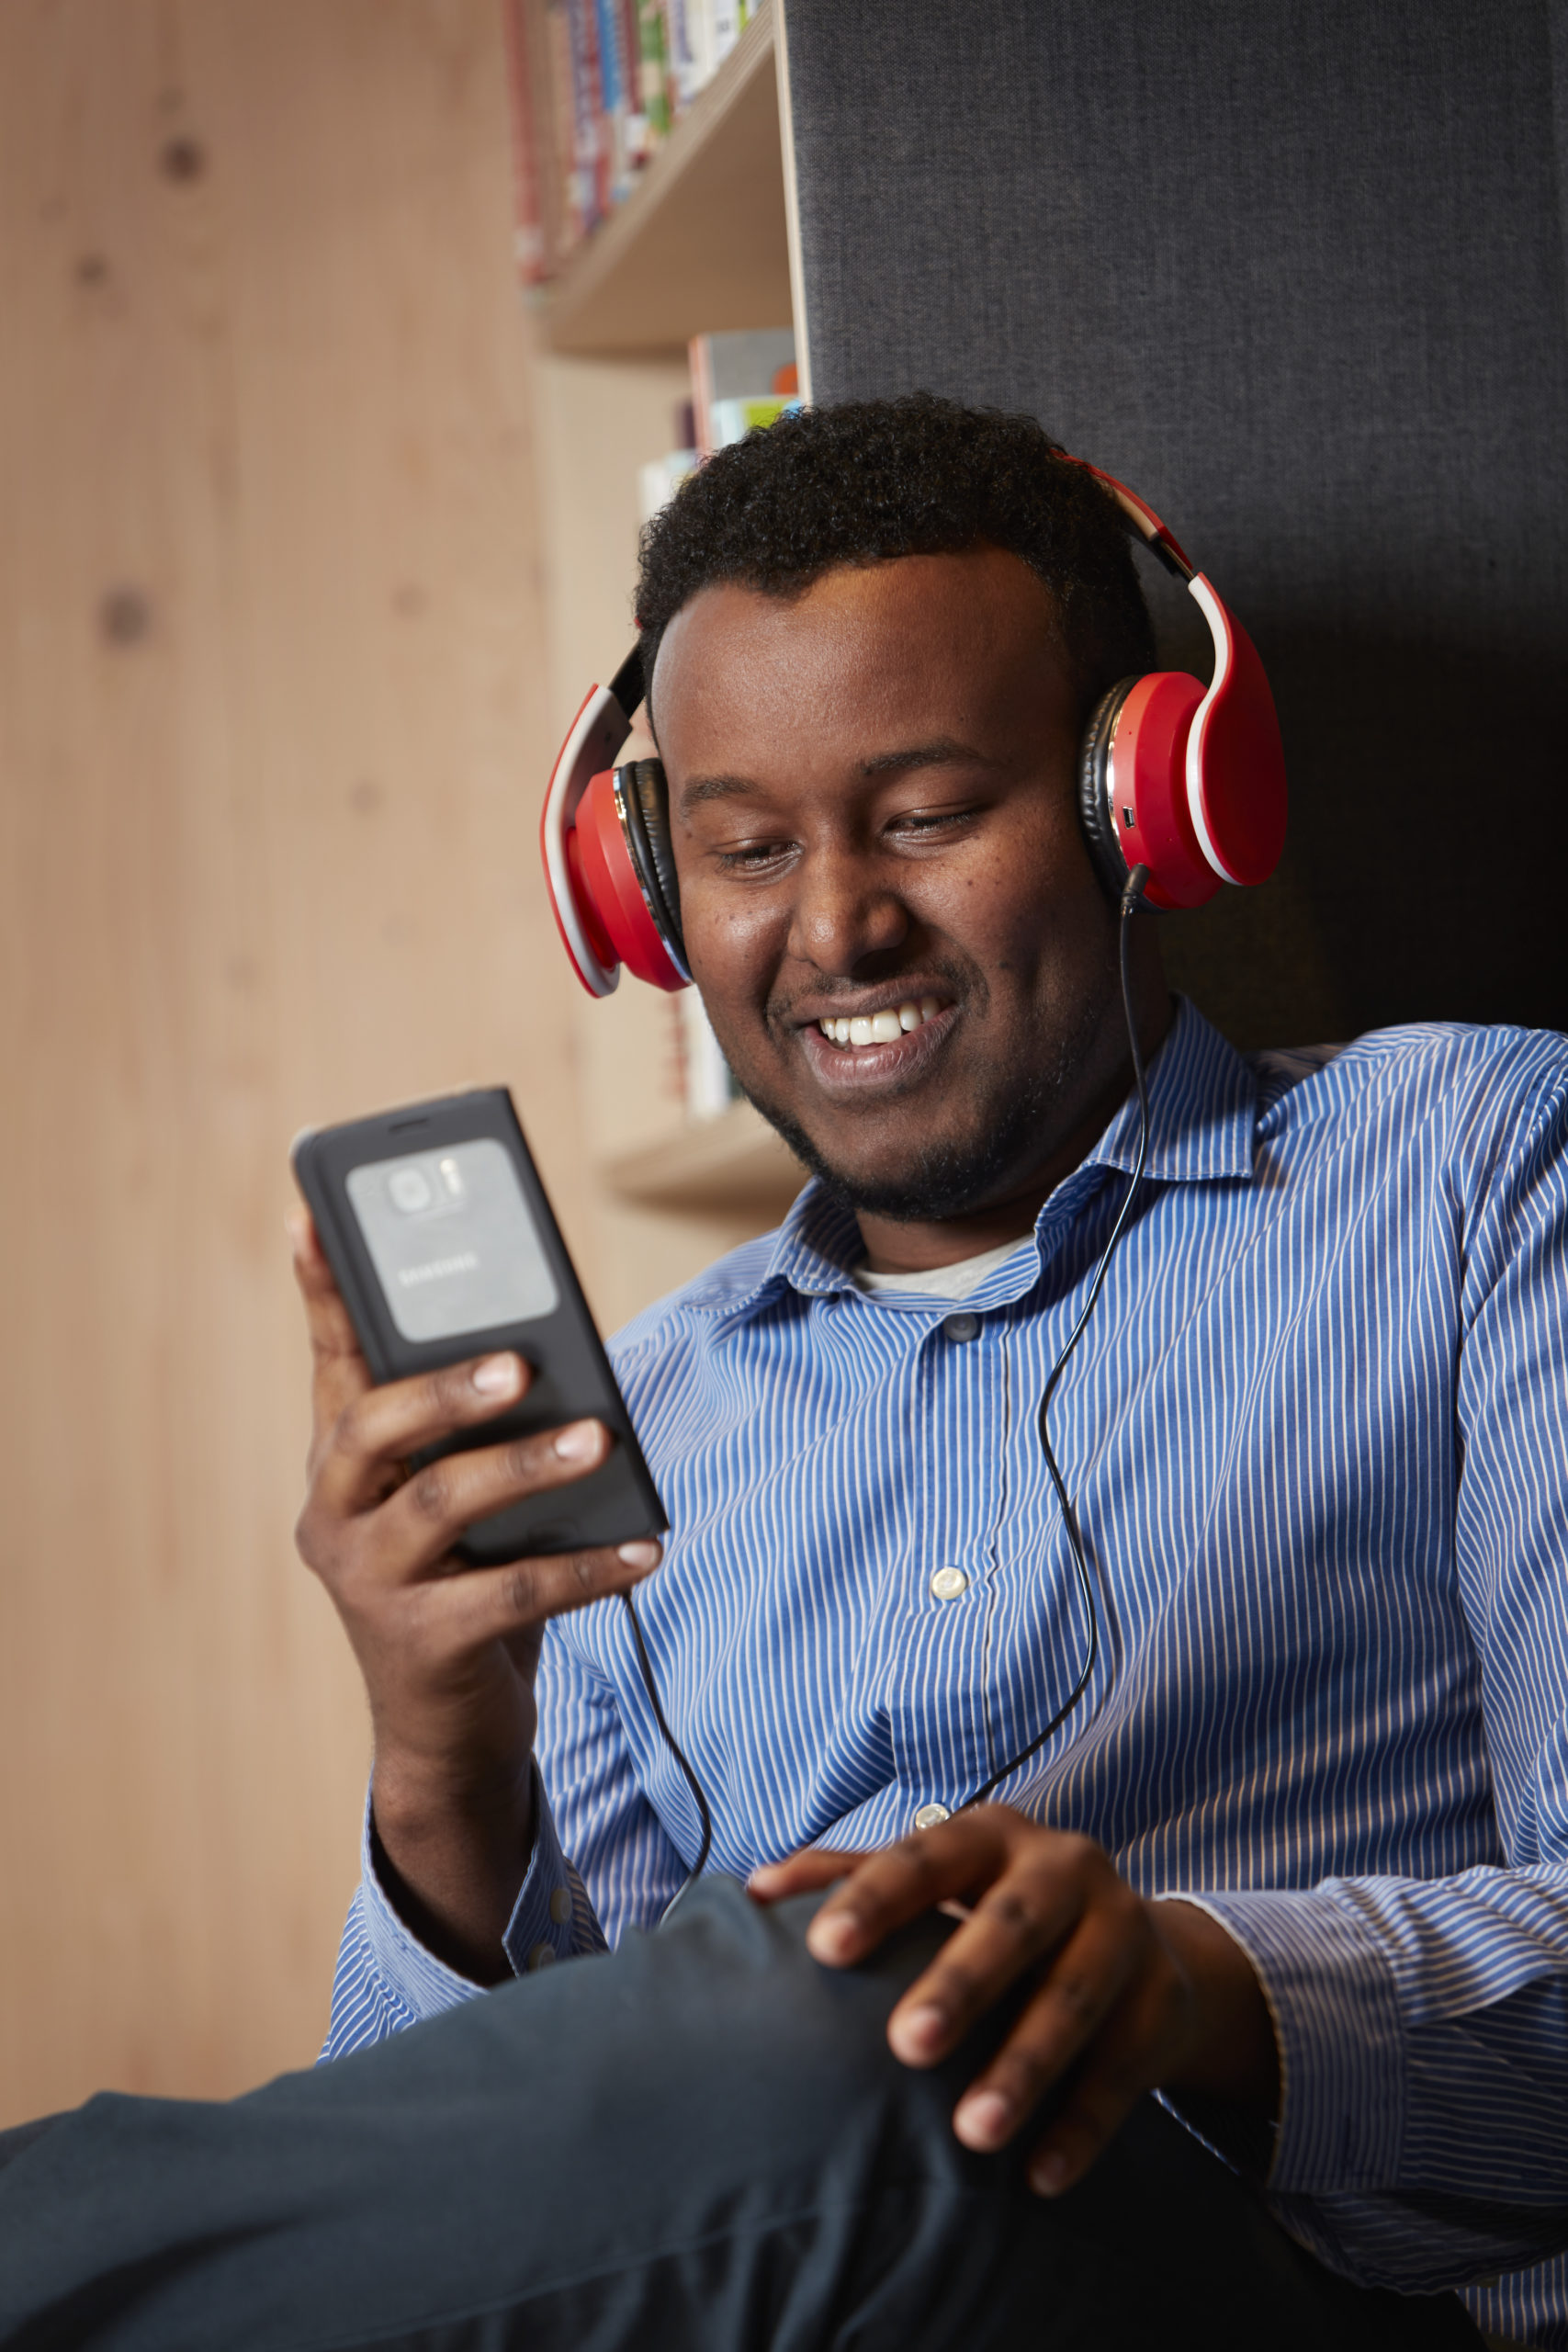 Mann med mobil og høretelefoner Foto Jarle Nyttingnes